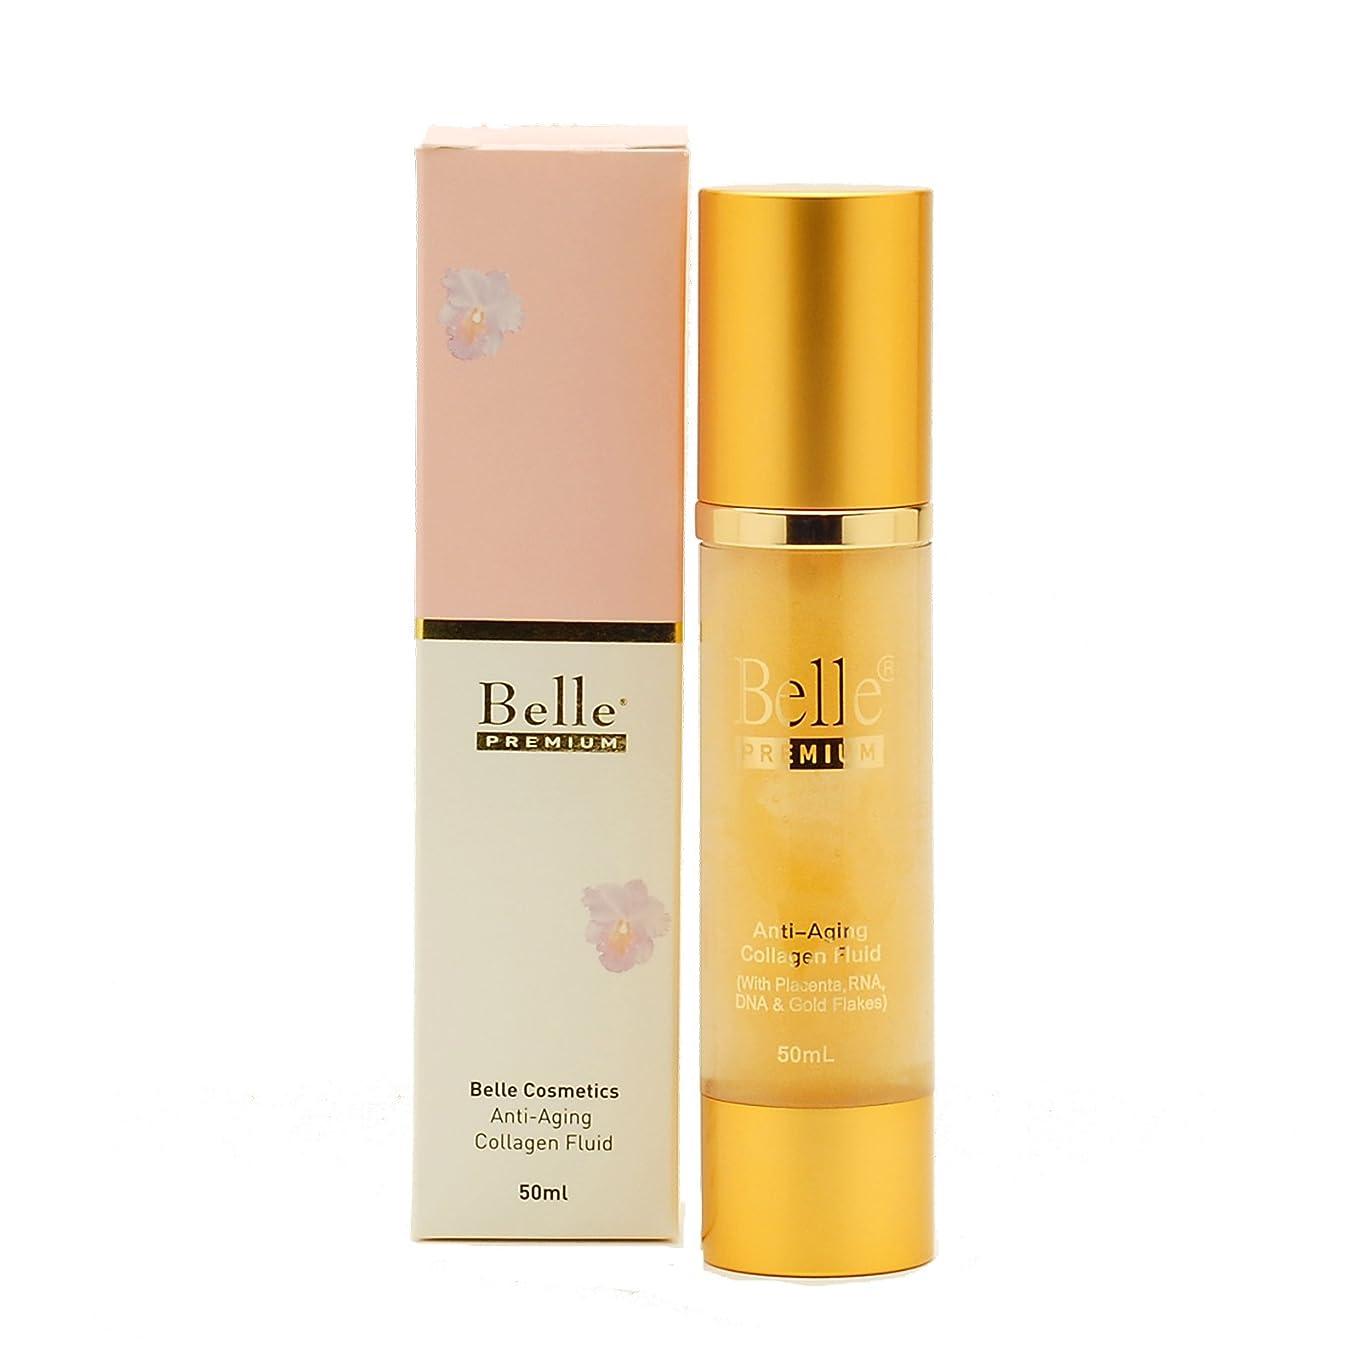 束初期のちょっと待って[Belle Cosmetics]ベルコスメティック ベルプレミアム?コラーゲンジェル50g【海外直送】